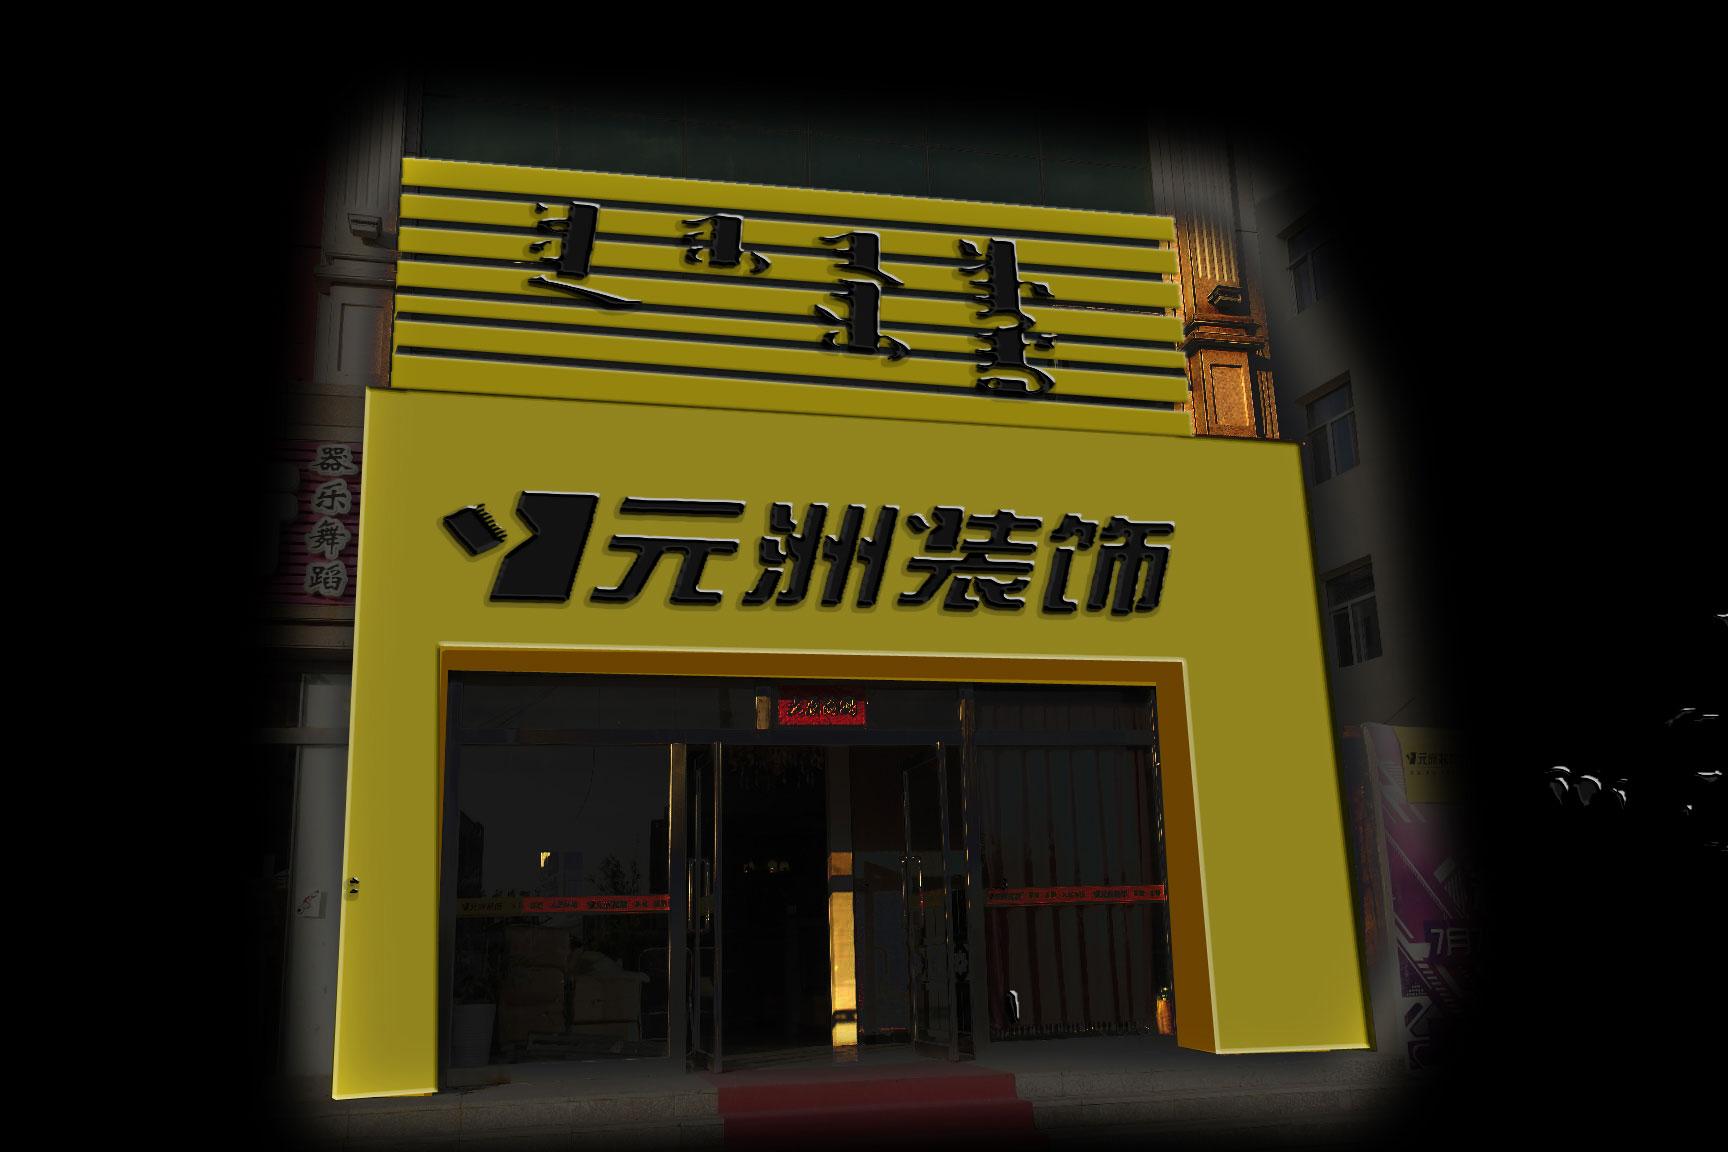 装饰公司门头设计_2766378